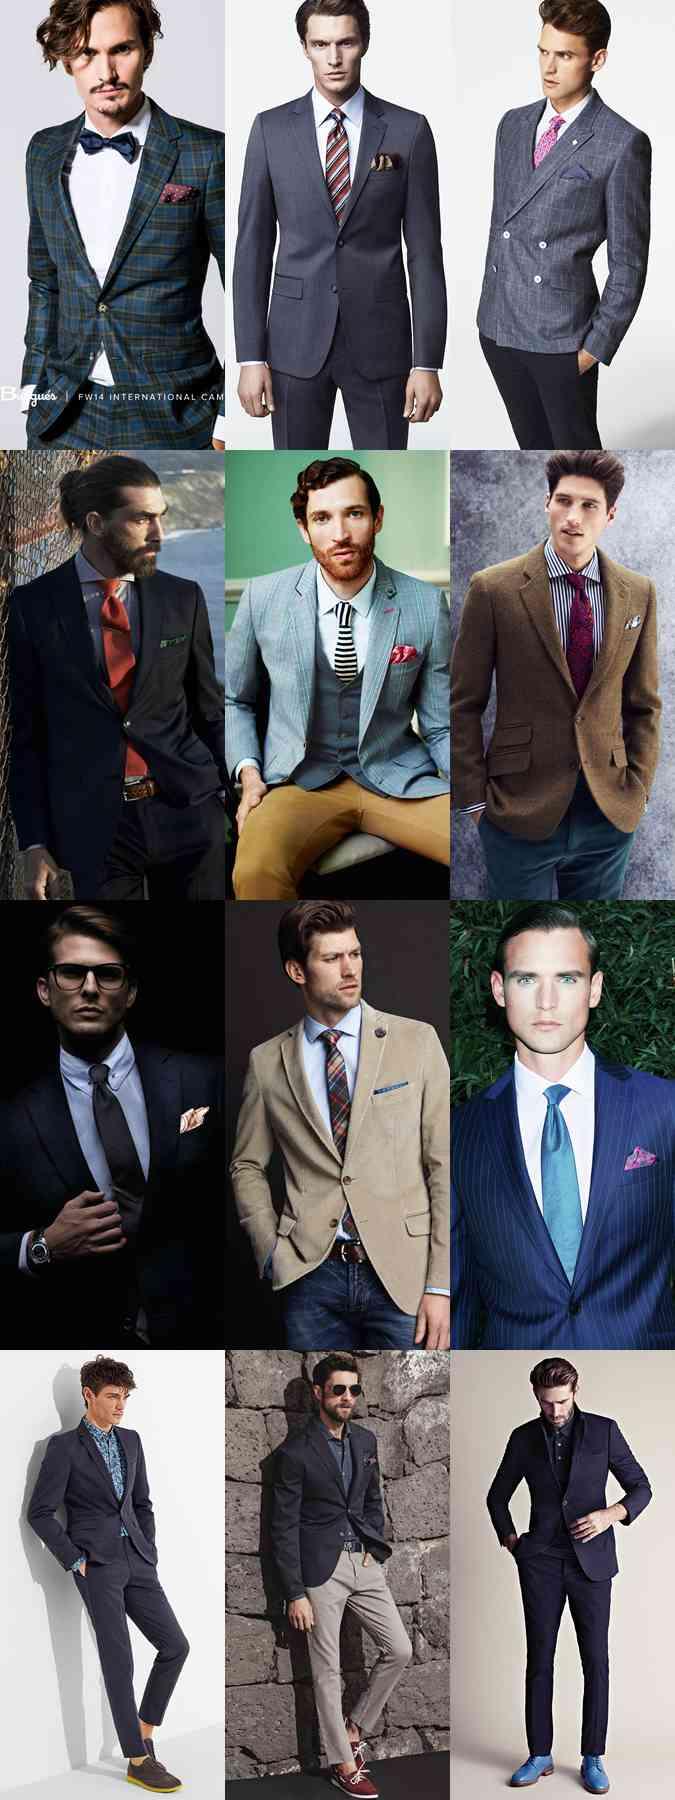 Ghid simplu pentru bărbaţi Cum să te îmbraci bine şi să eviţi greşelile de stil